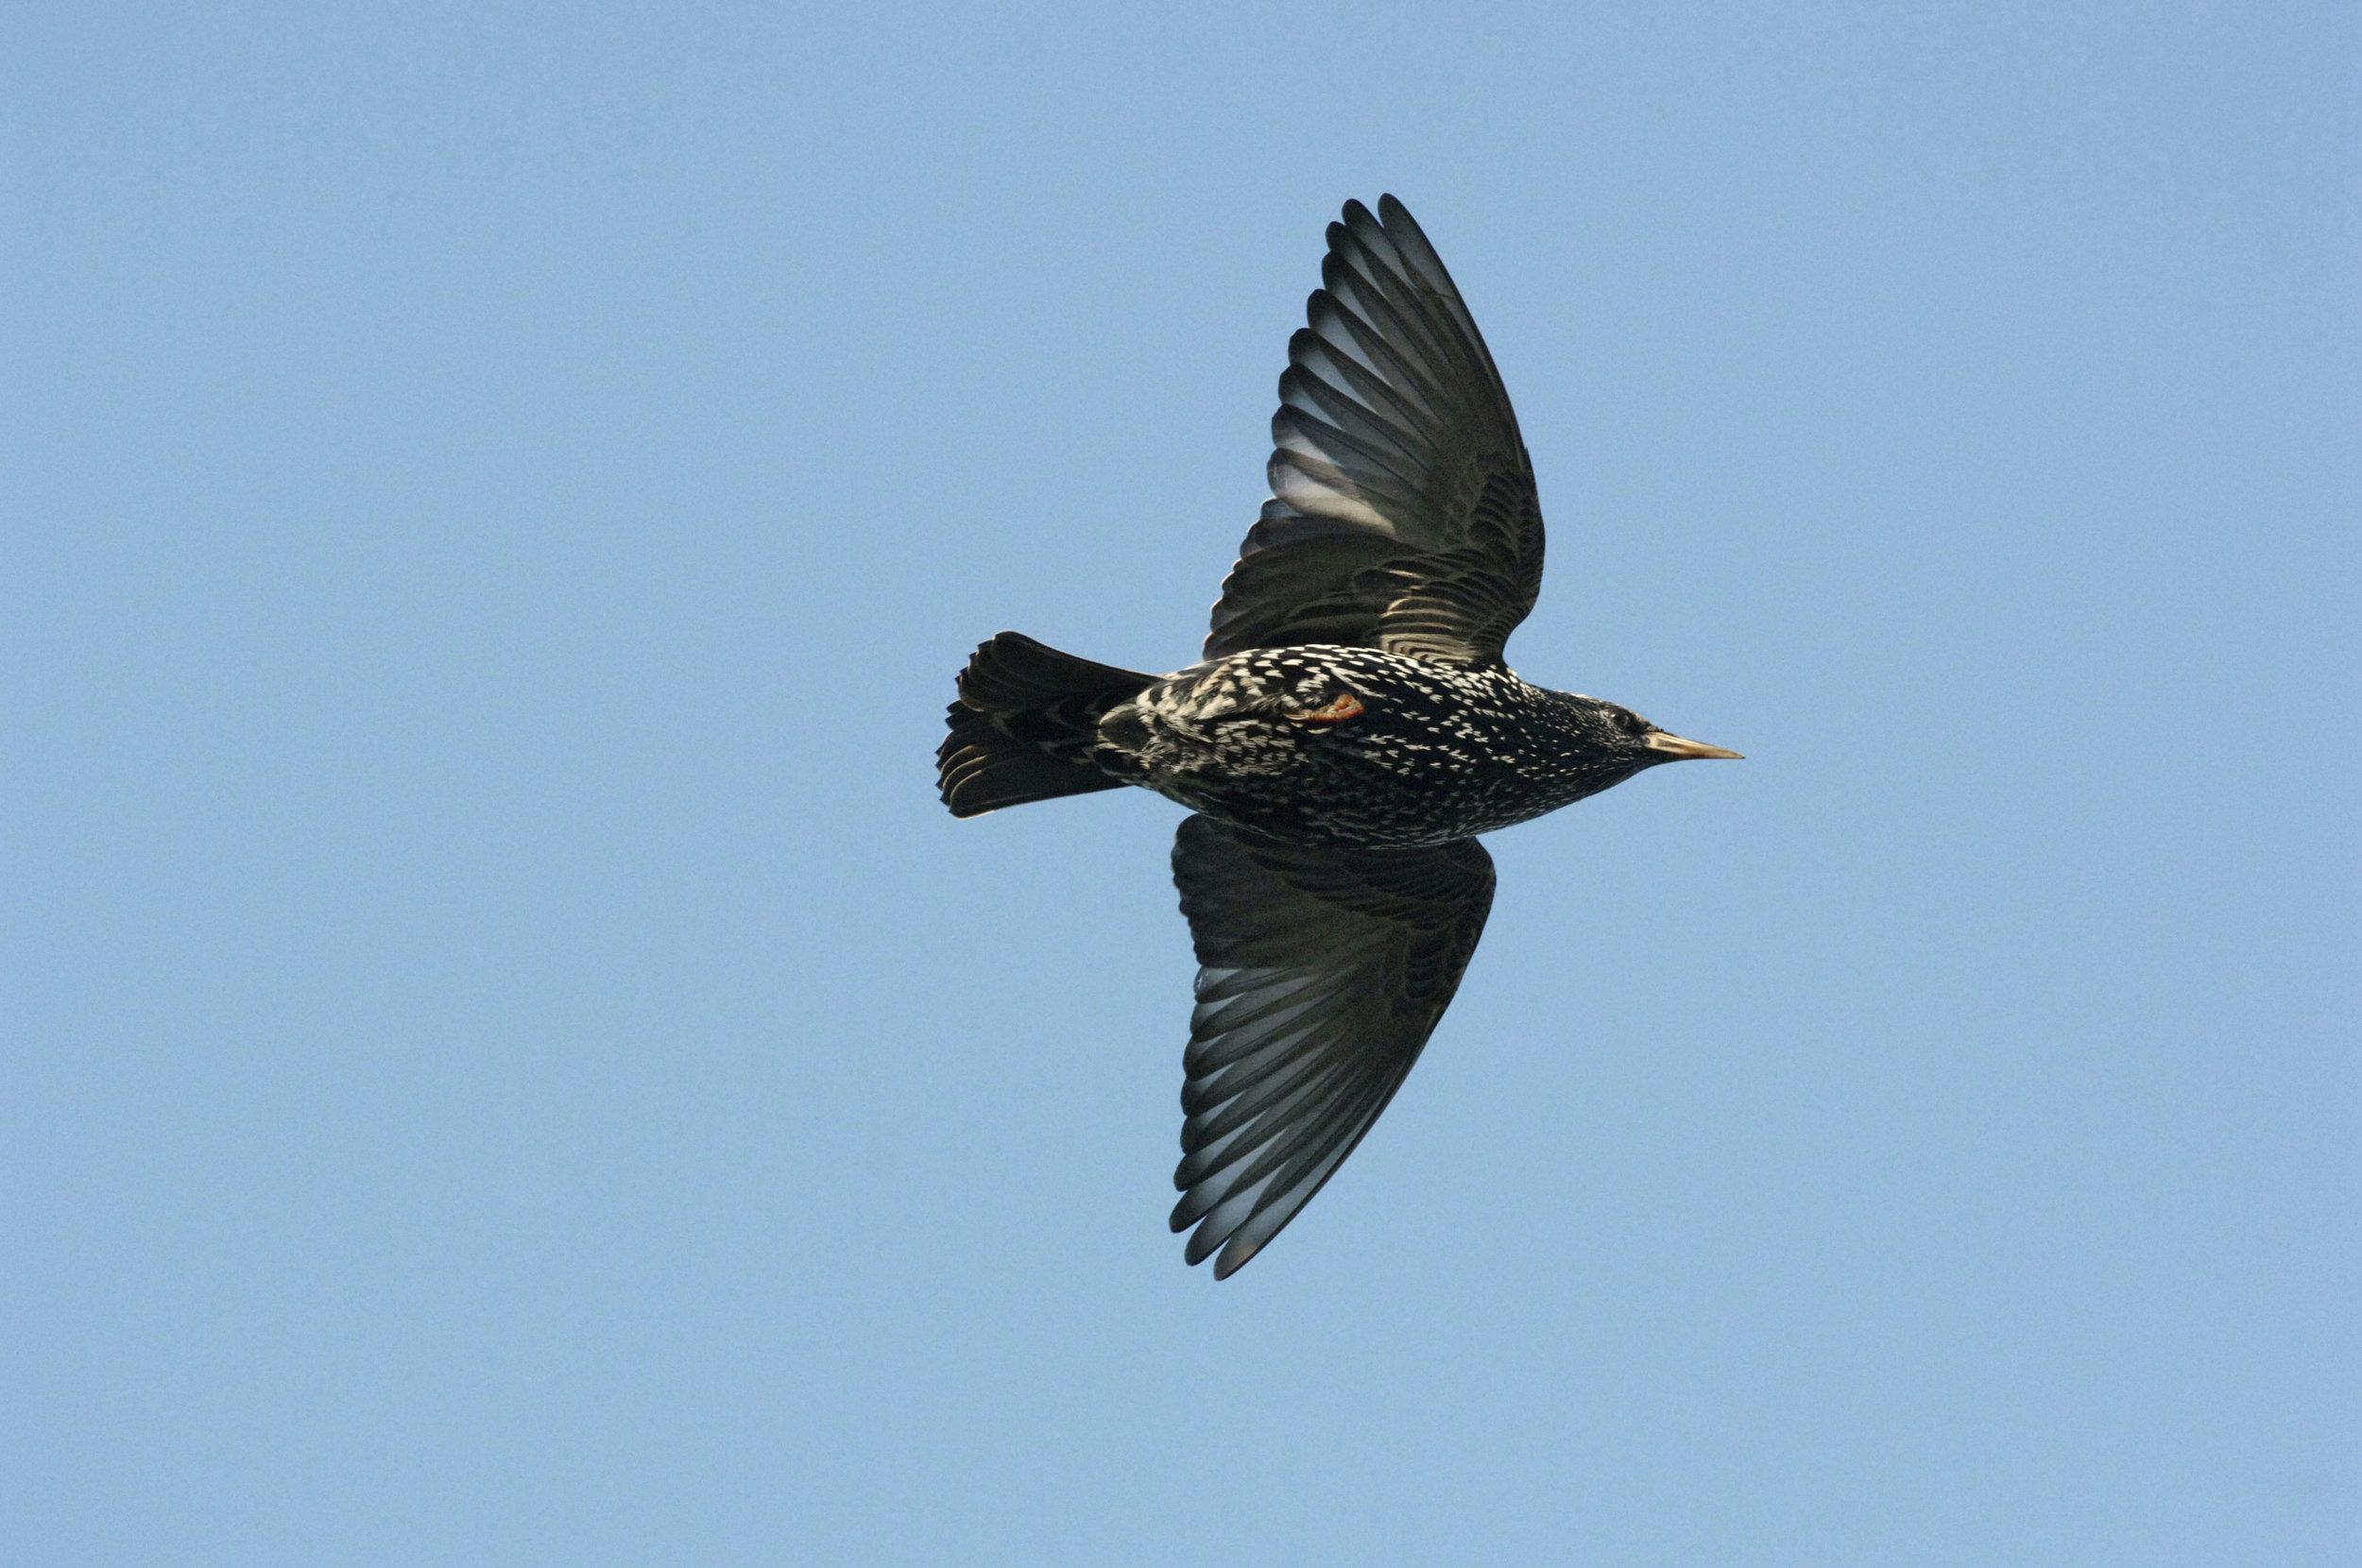 Winter adult Starling in flight